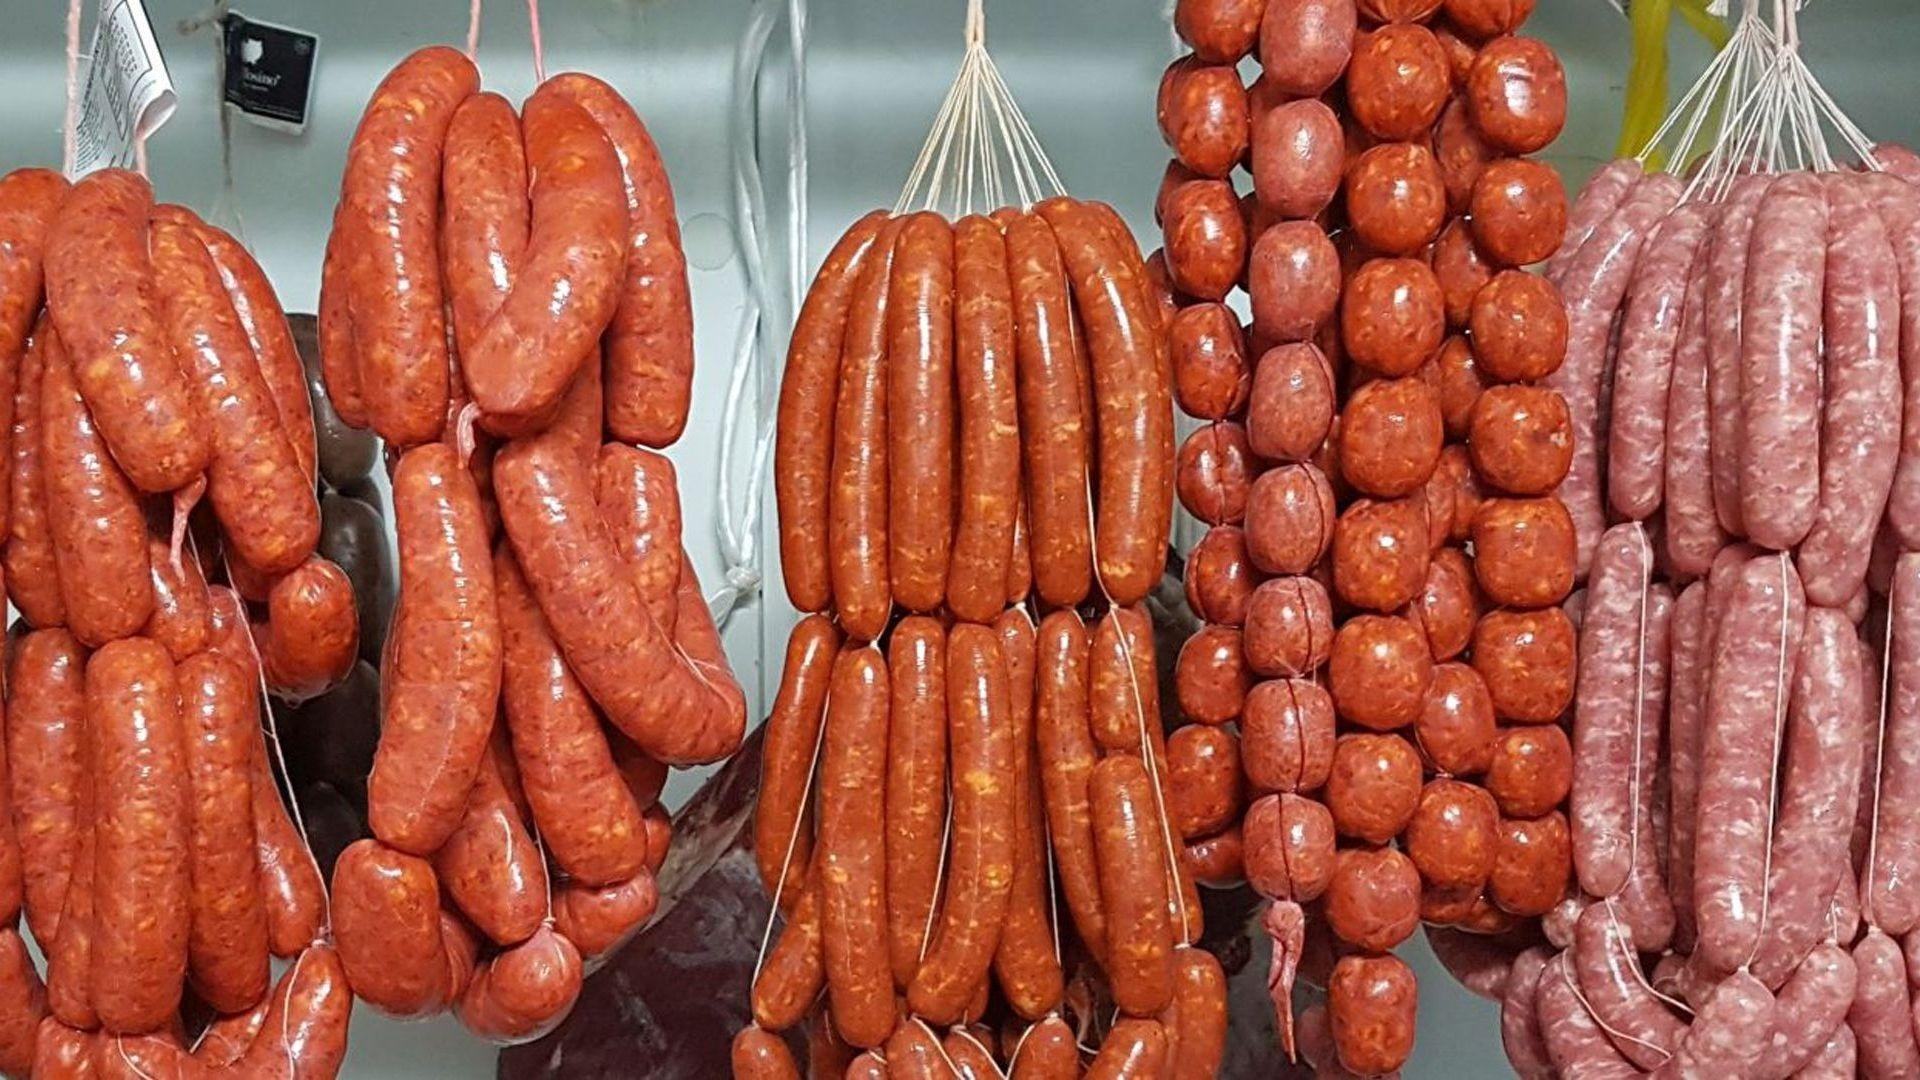 Carnicerias Alemañ - Embutido